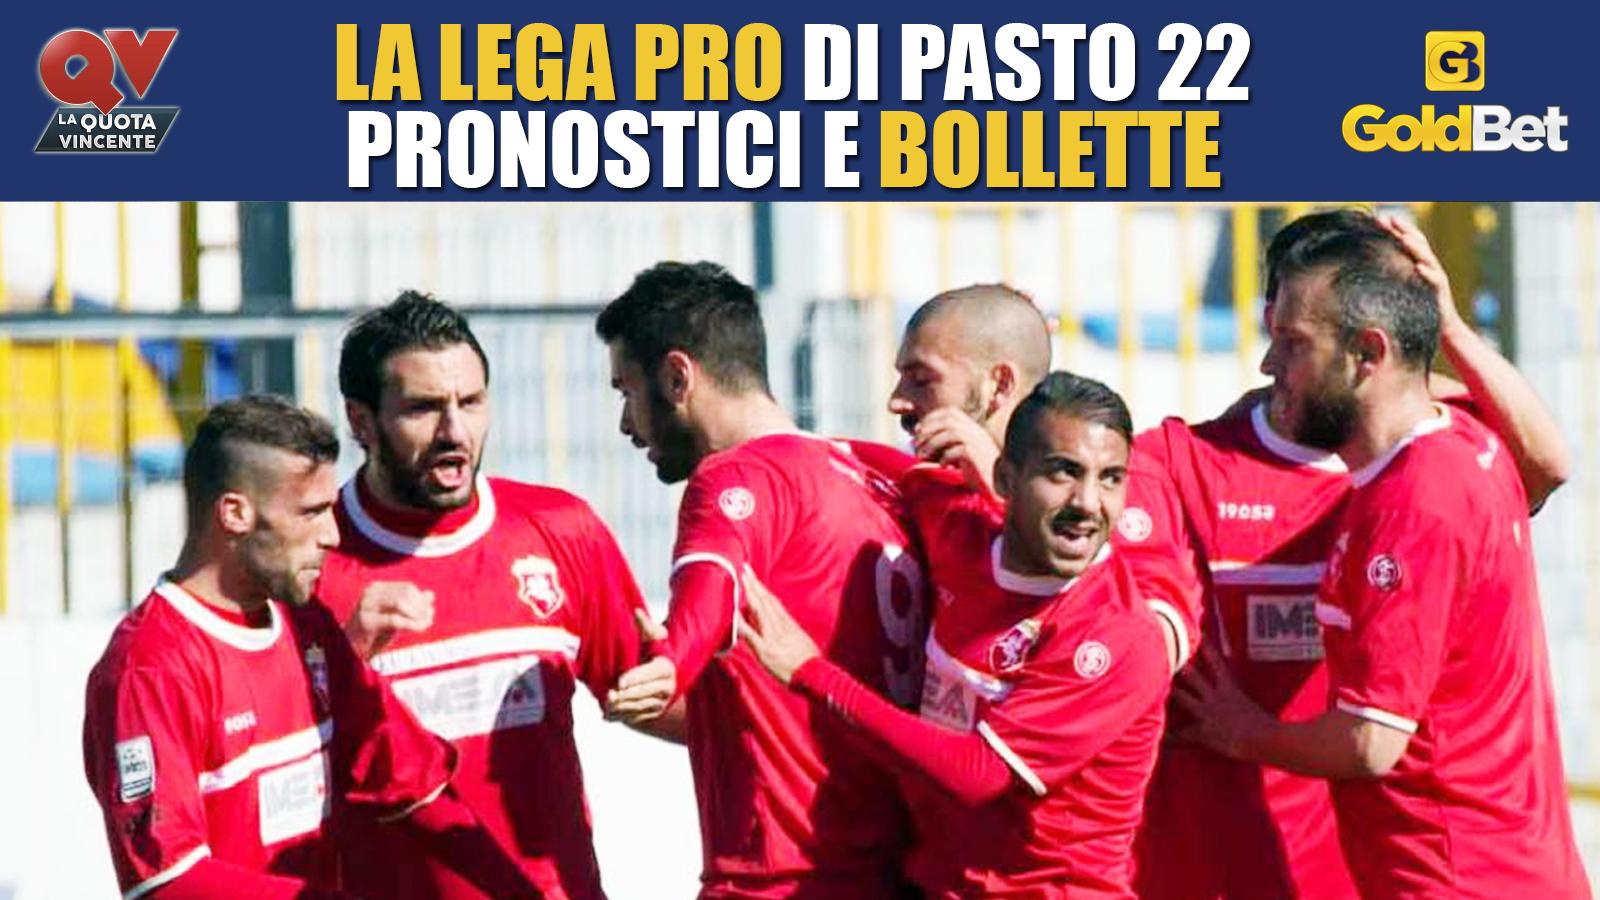 lega_pro_blog_qv_pasto_22_ANCONA_esultanza_news_scommesse_bollette